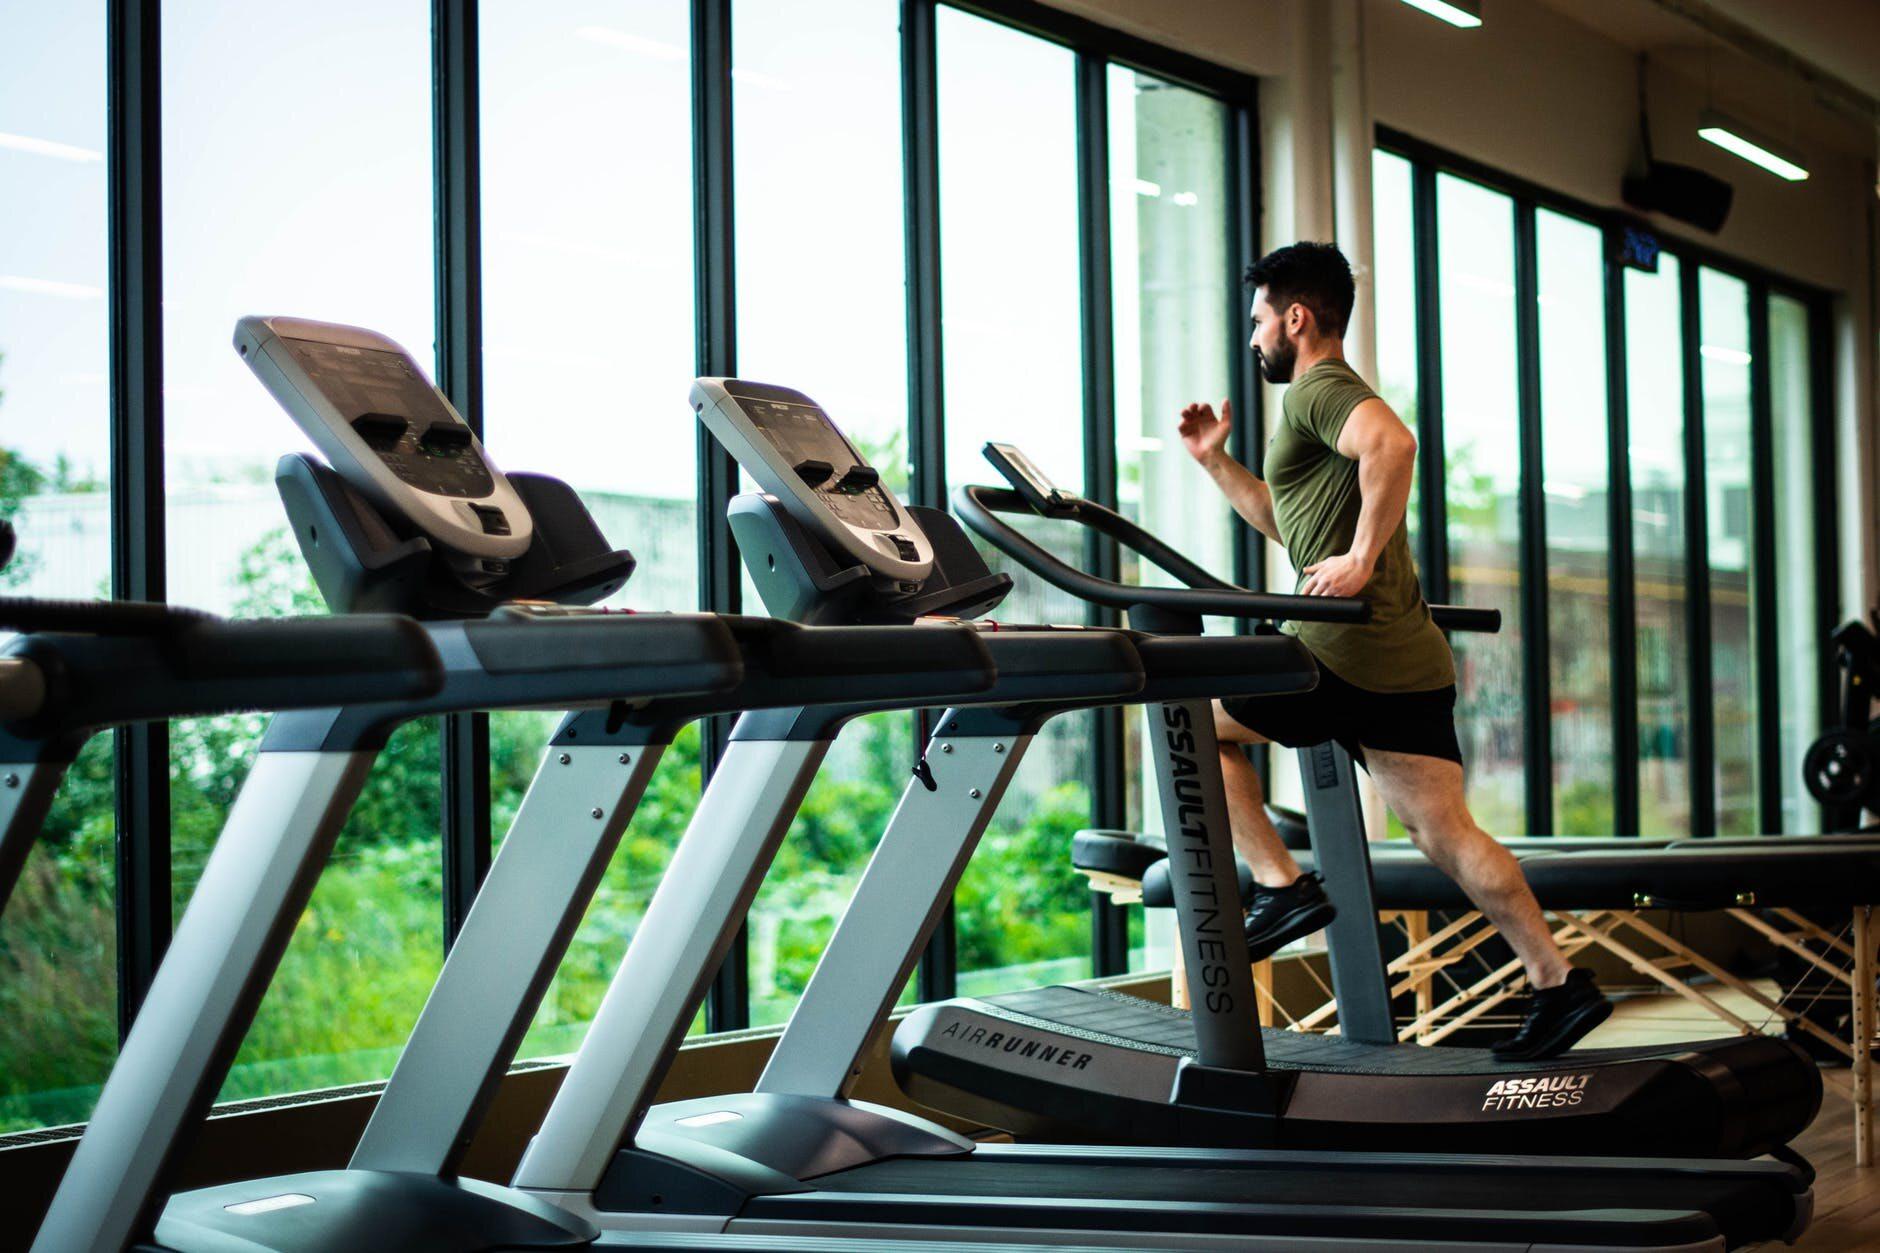 Nowe obostrzenia. Zasady działania siłowni i klubów fitness w strefach żółtej i czerwonej od 17 października